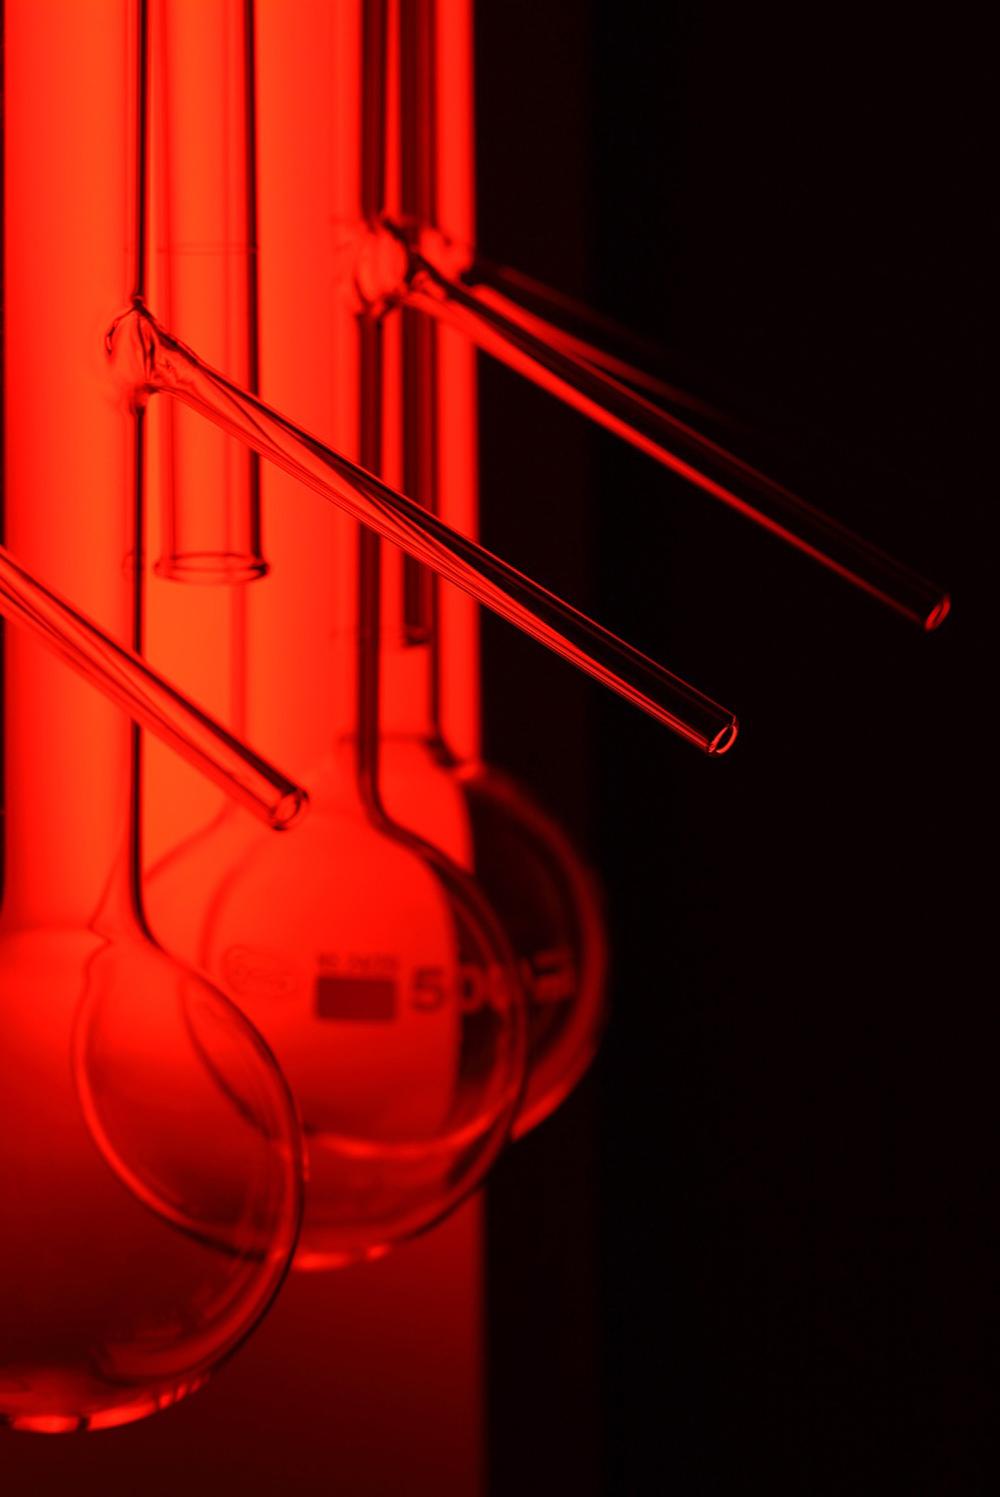 Redglassdetail5-gallery.jpg